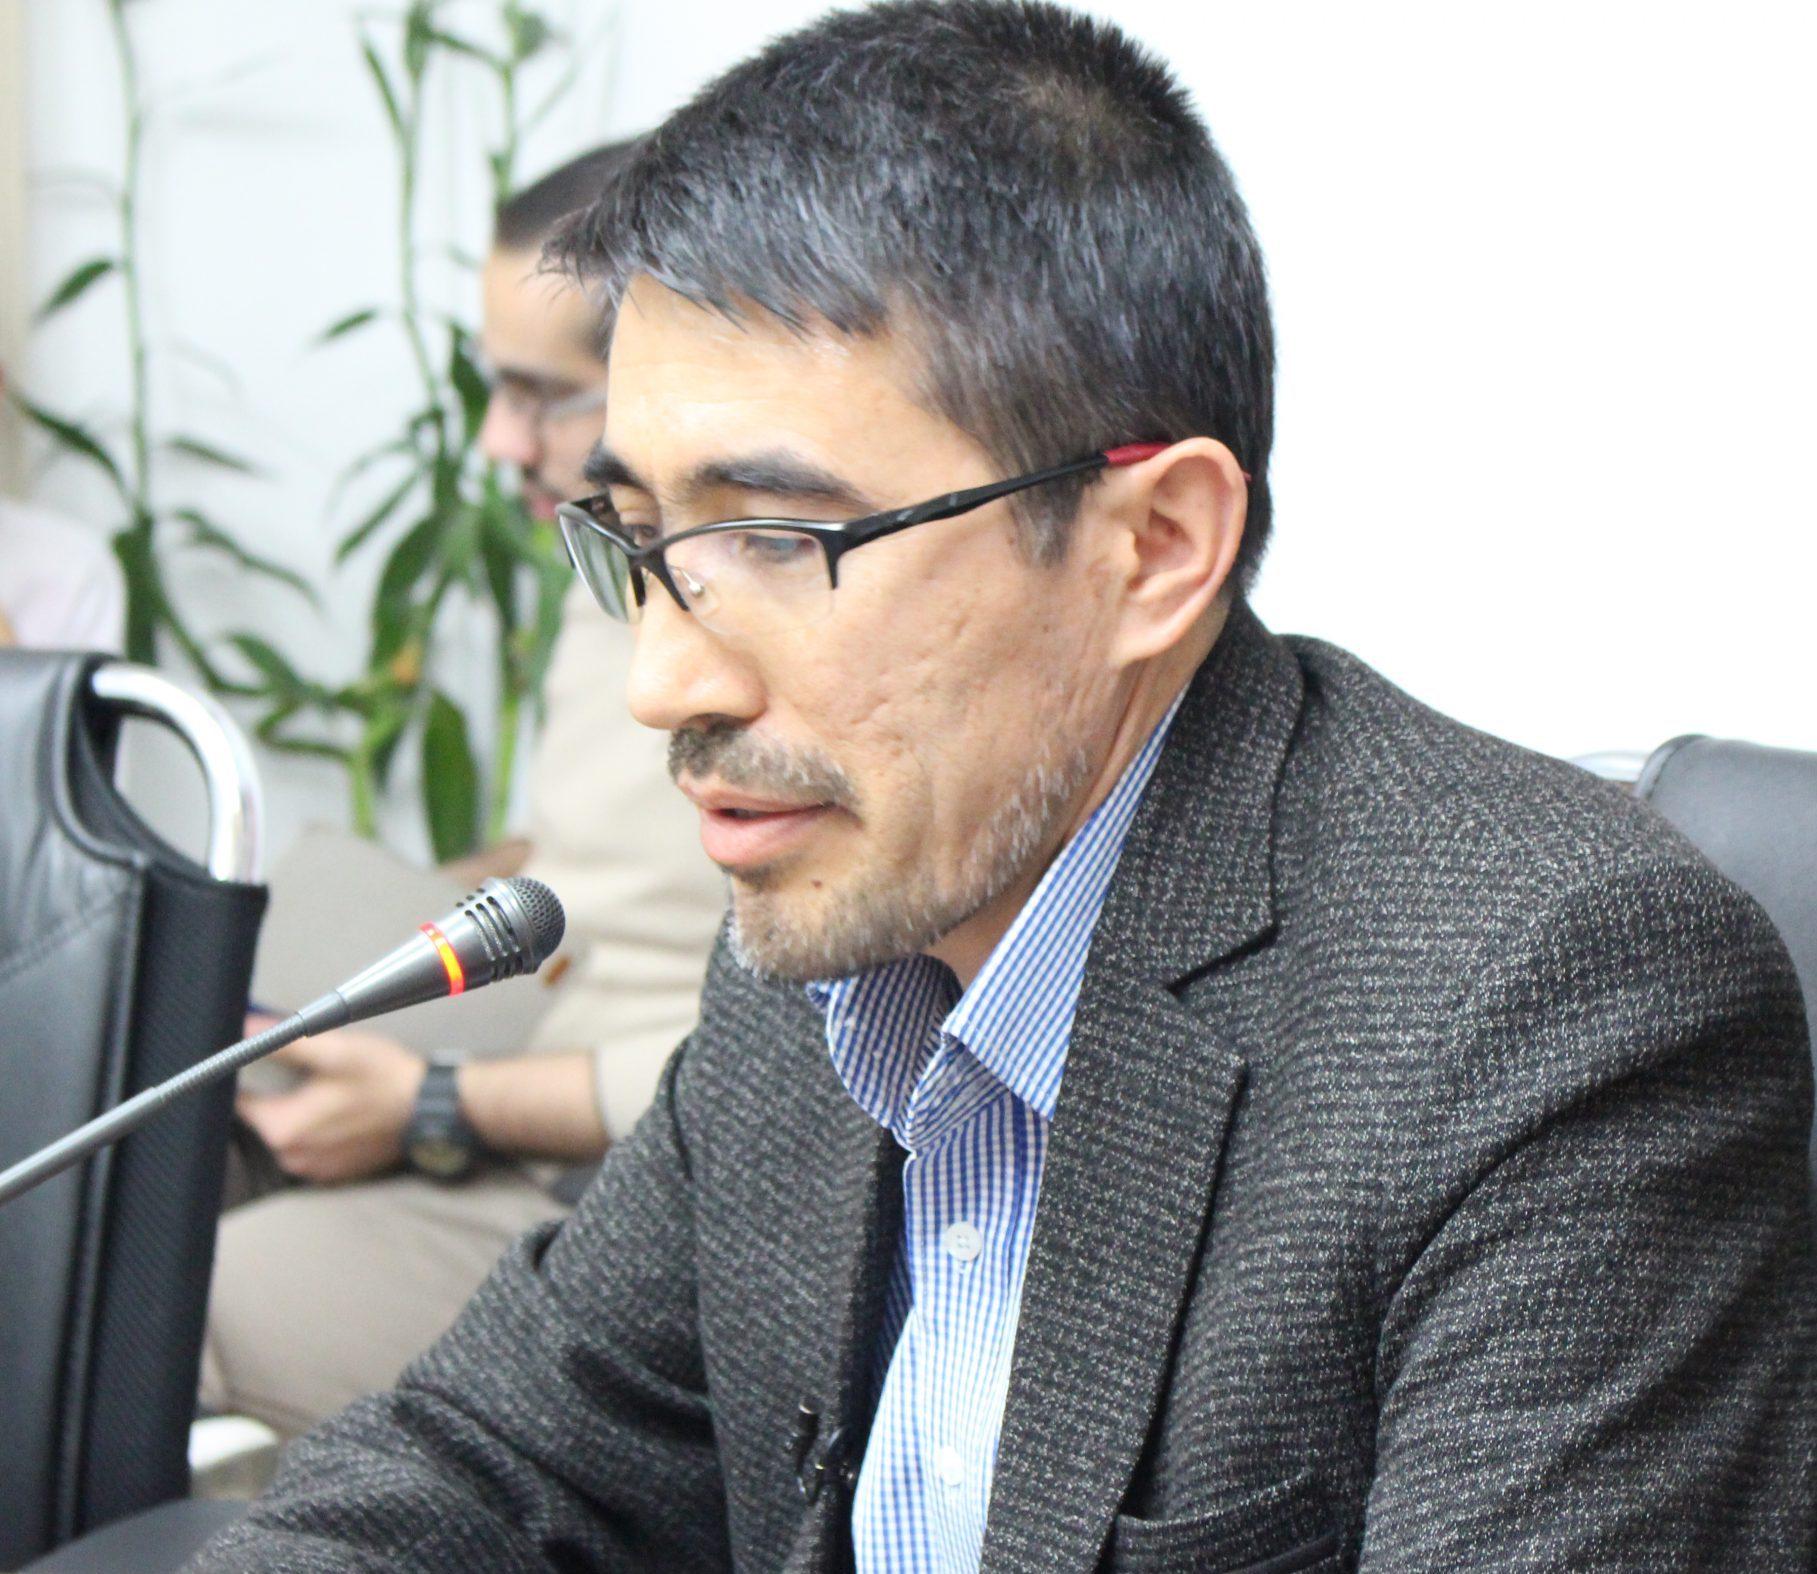 محمدحنیف طاهری